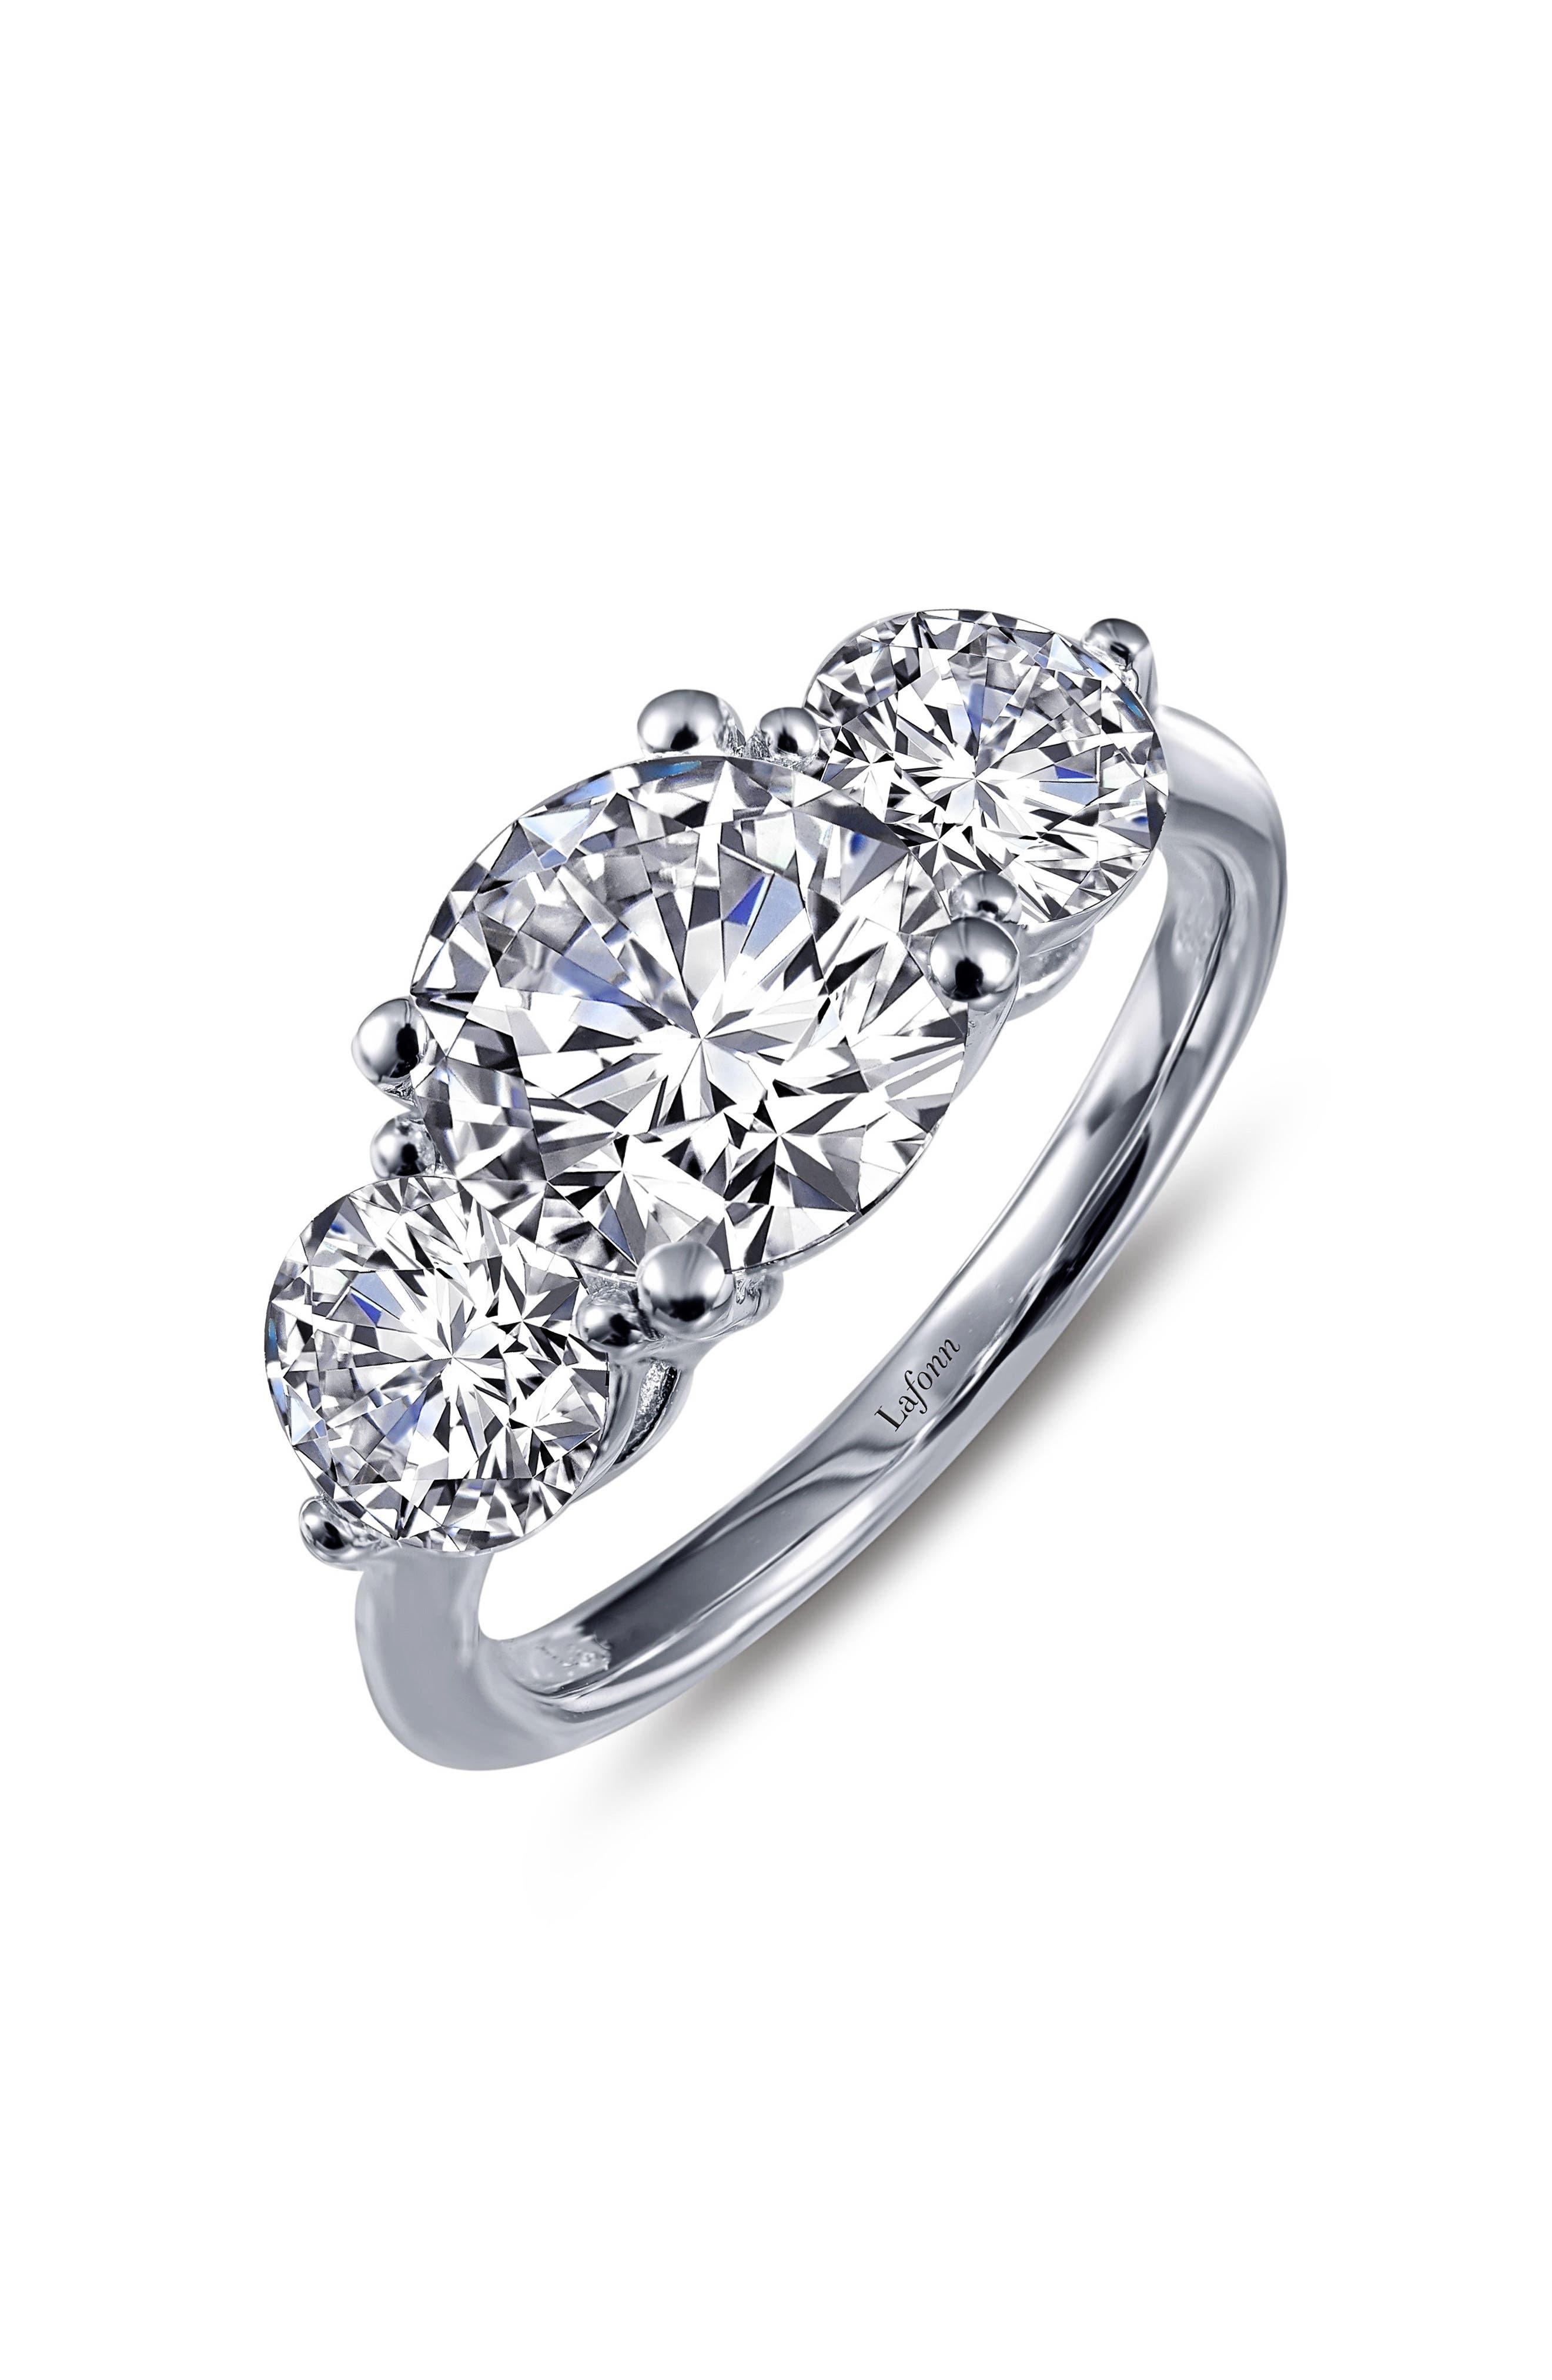 Simulated Diamond Ring,                             Main thumbnail 1, color,                             SILVER